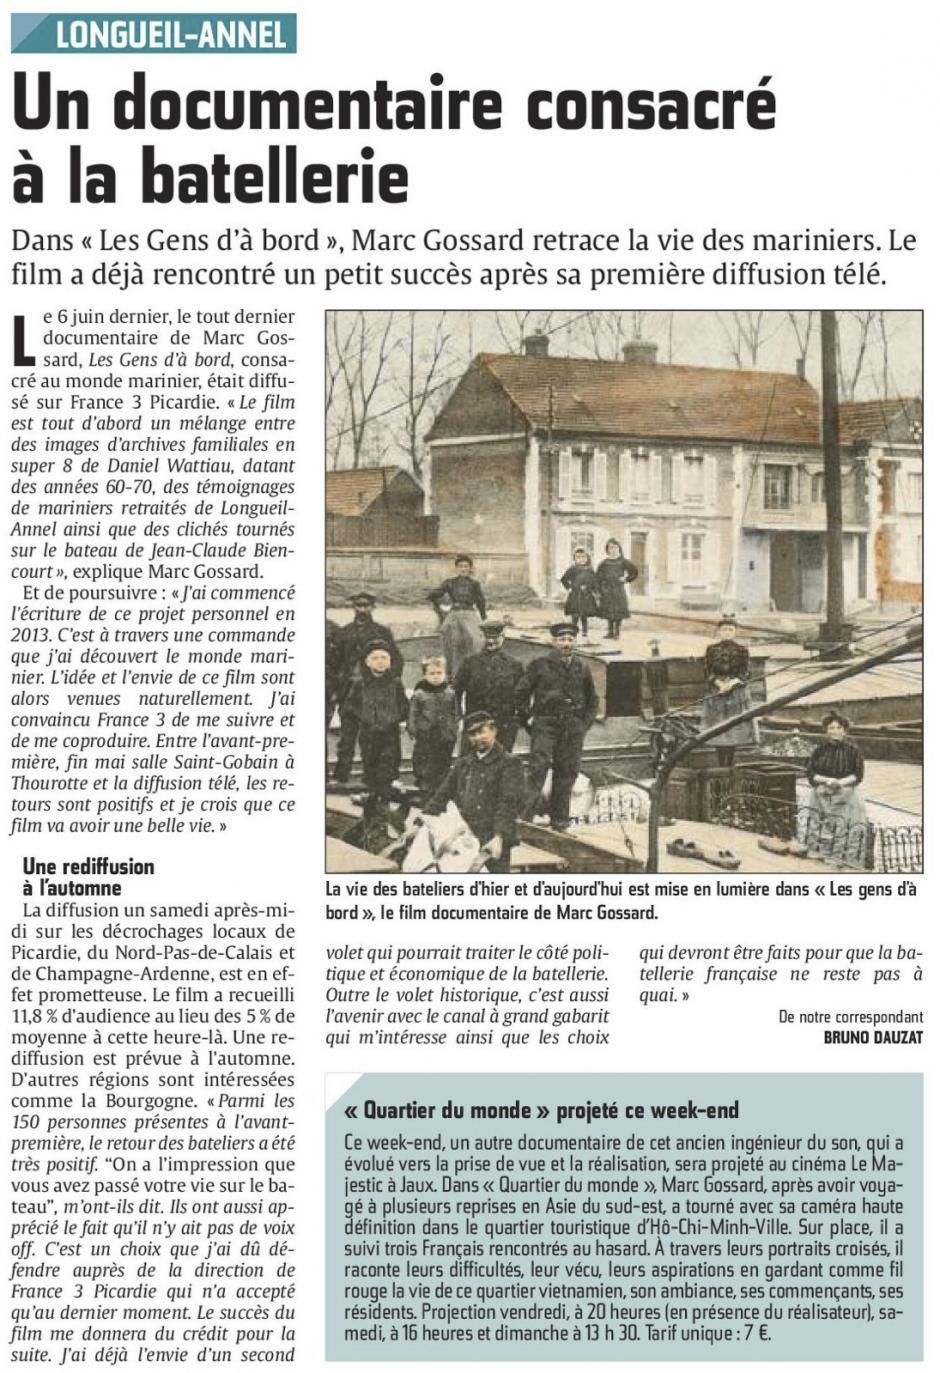 20150618-CP-Longueil-Annel-Un documentaire consacré à la batellerie